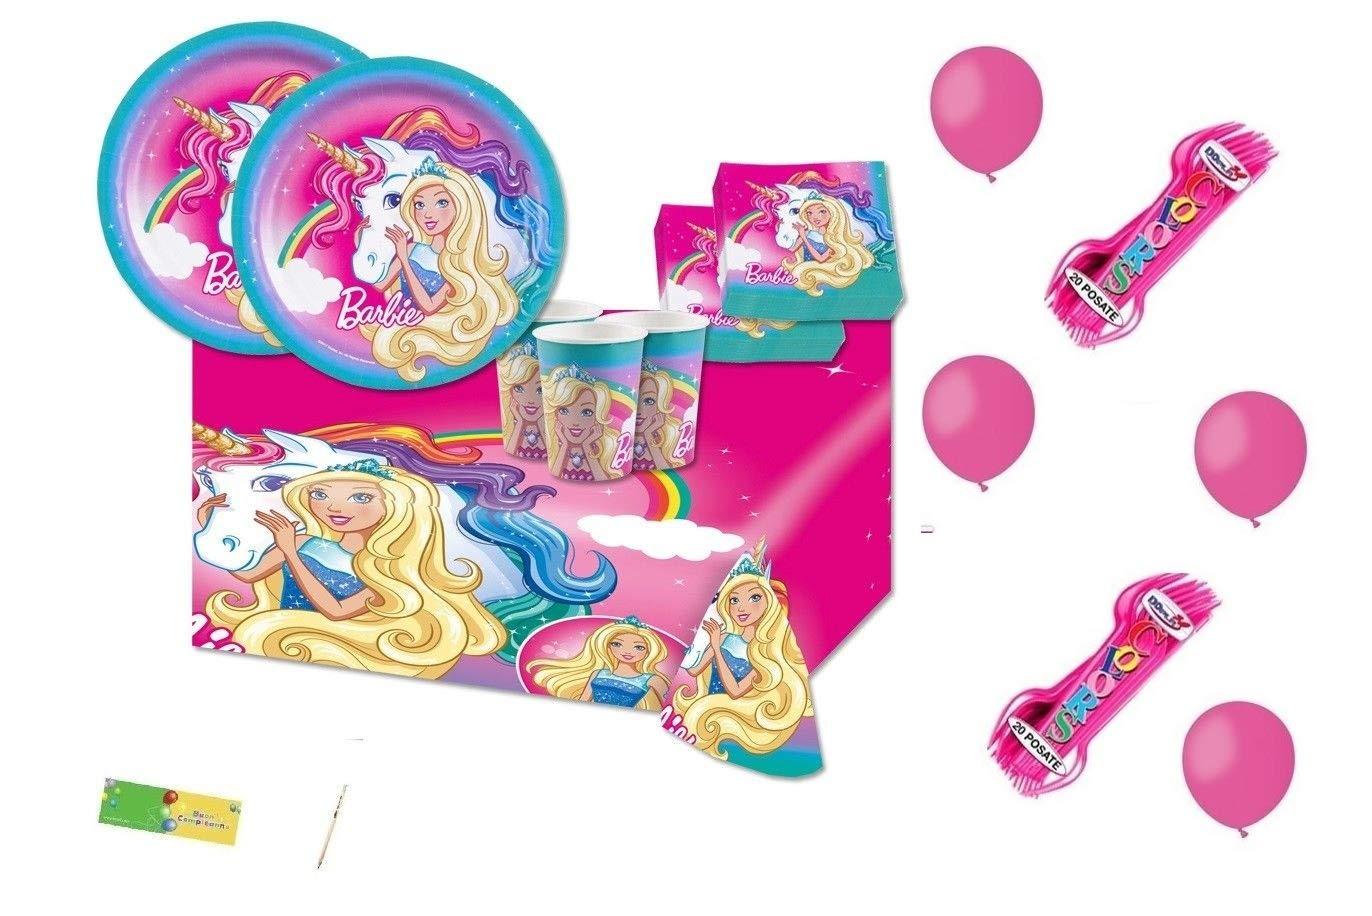 amscan IRPot - Kit N.6 Compleanno Barbie DREAMTOPIA FORCHETTE E Palloncini Fucsia